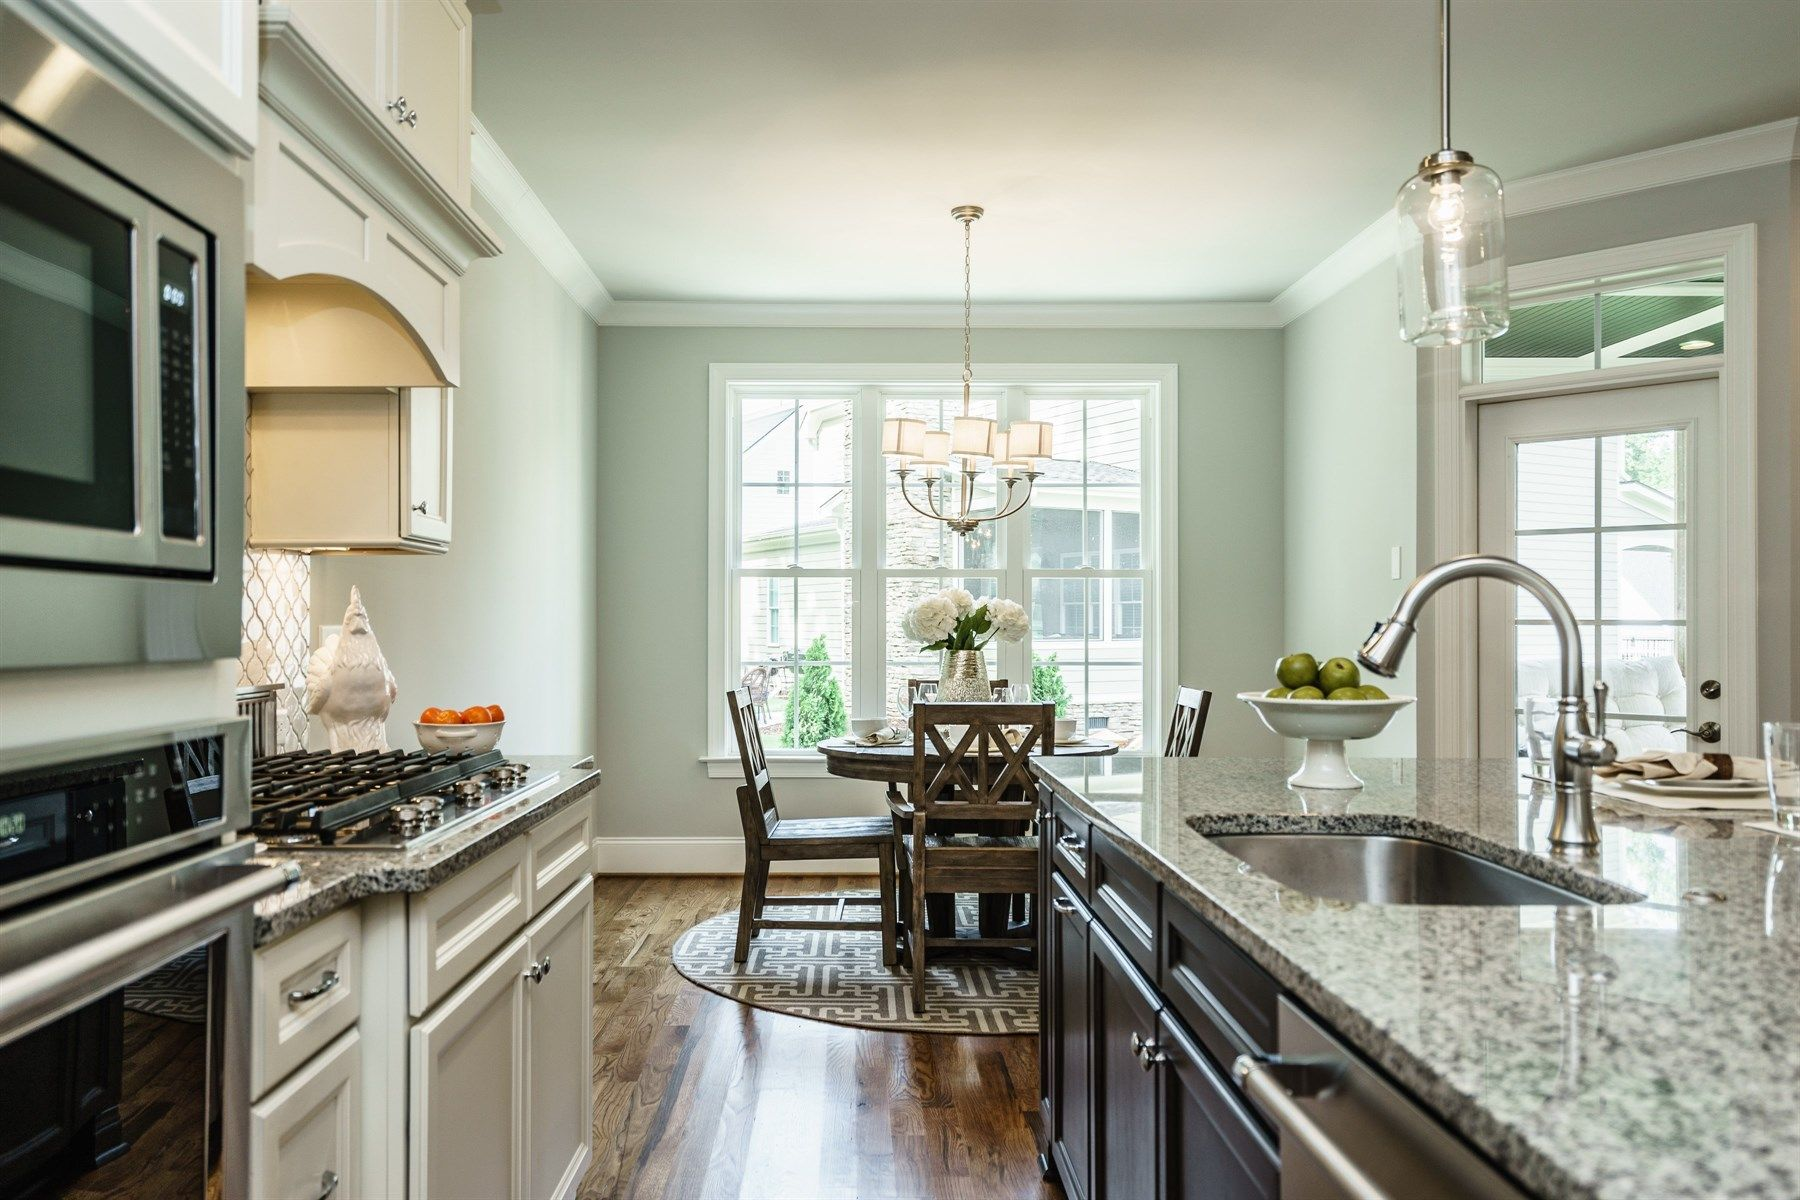 Apex Kitchen Cabinets - Kitchen Cabinets